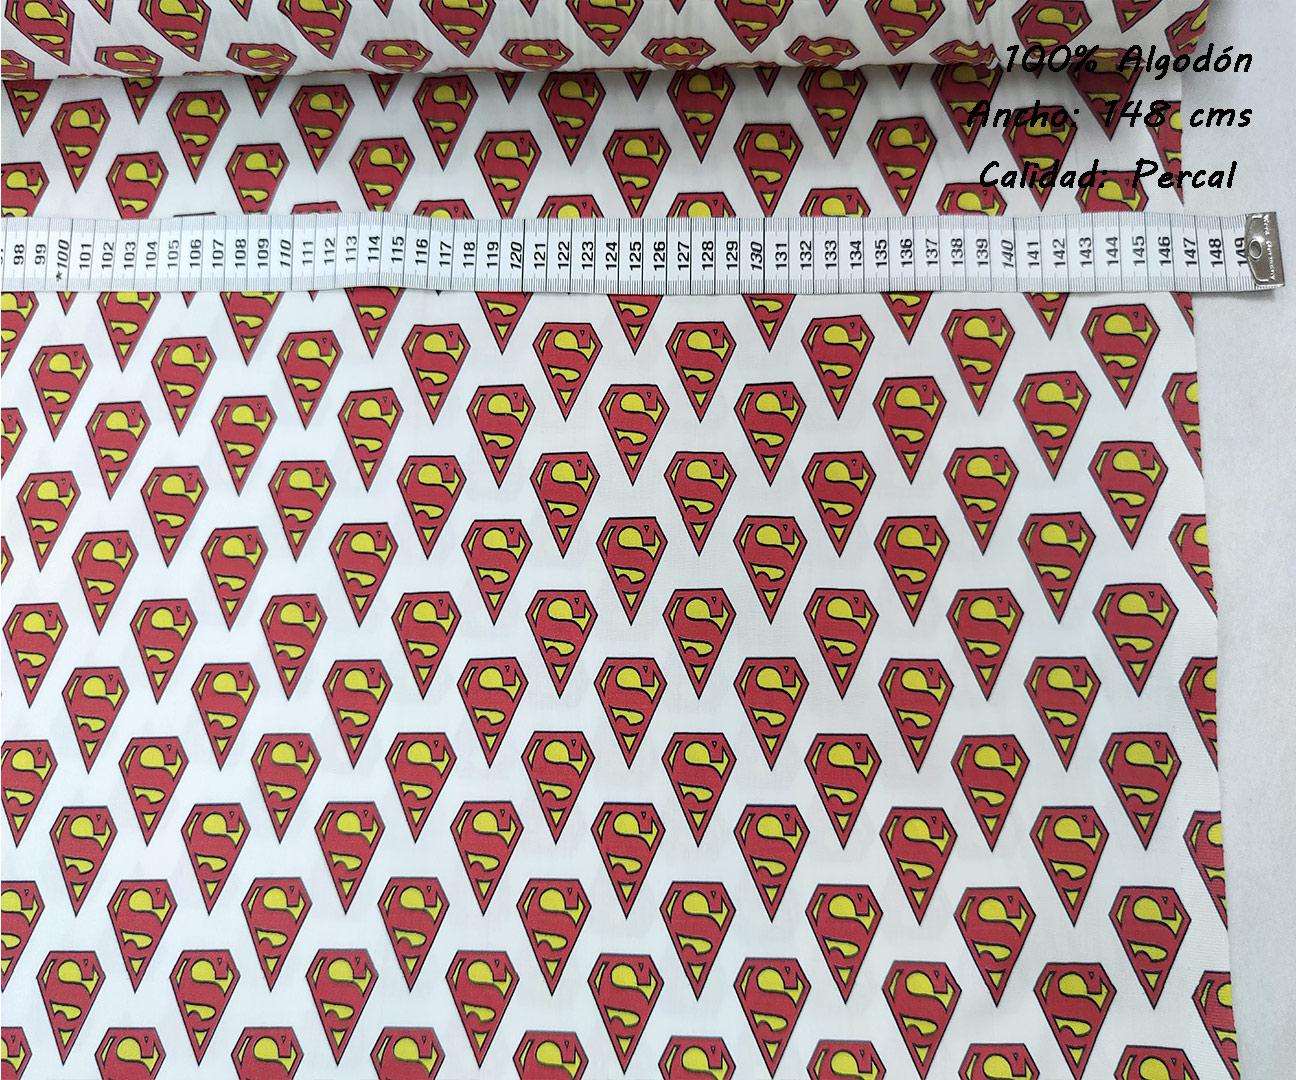 superman-logotipos-liga-justicia-superheroes-americano-tejidos-algodón-estampado-percal,estampados originales con licencia,Tejido Estampado Superman Logotipo